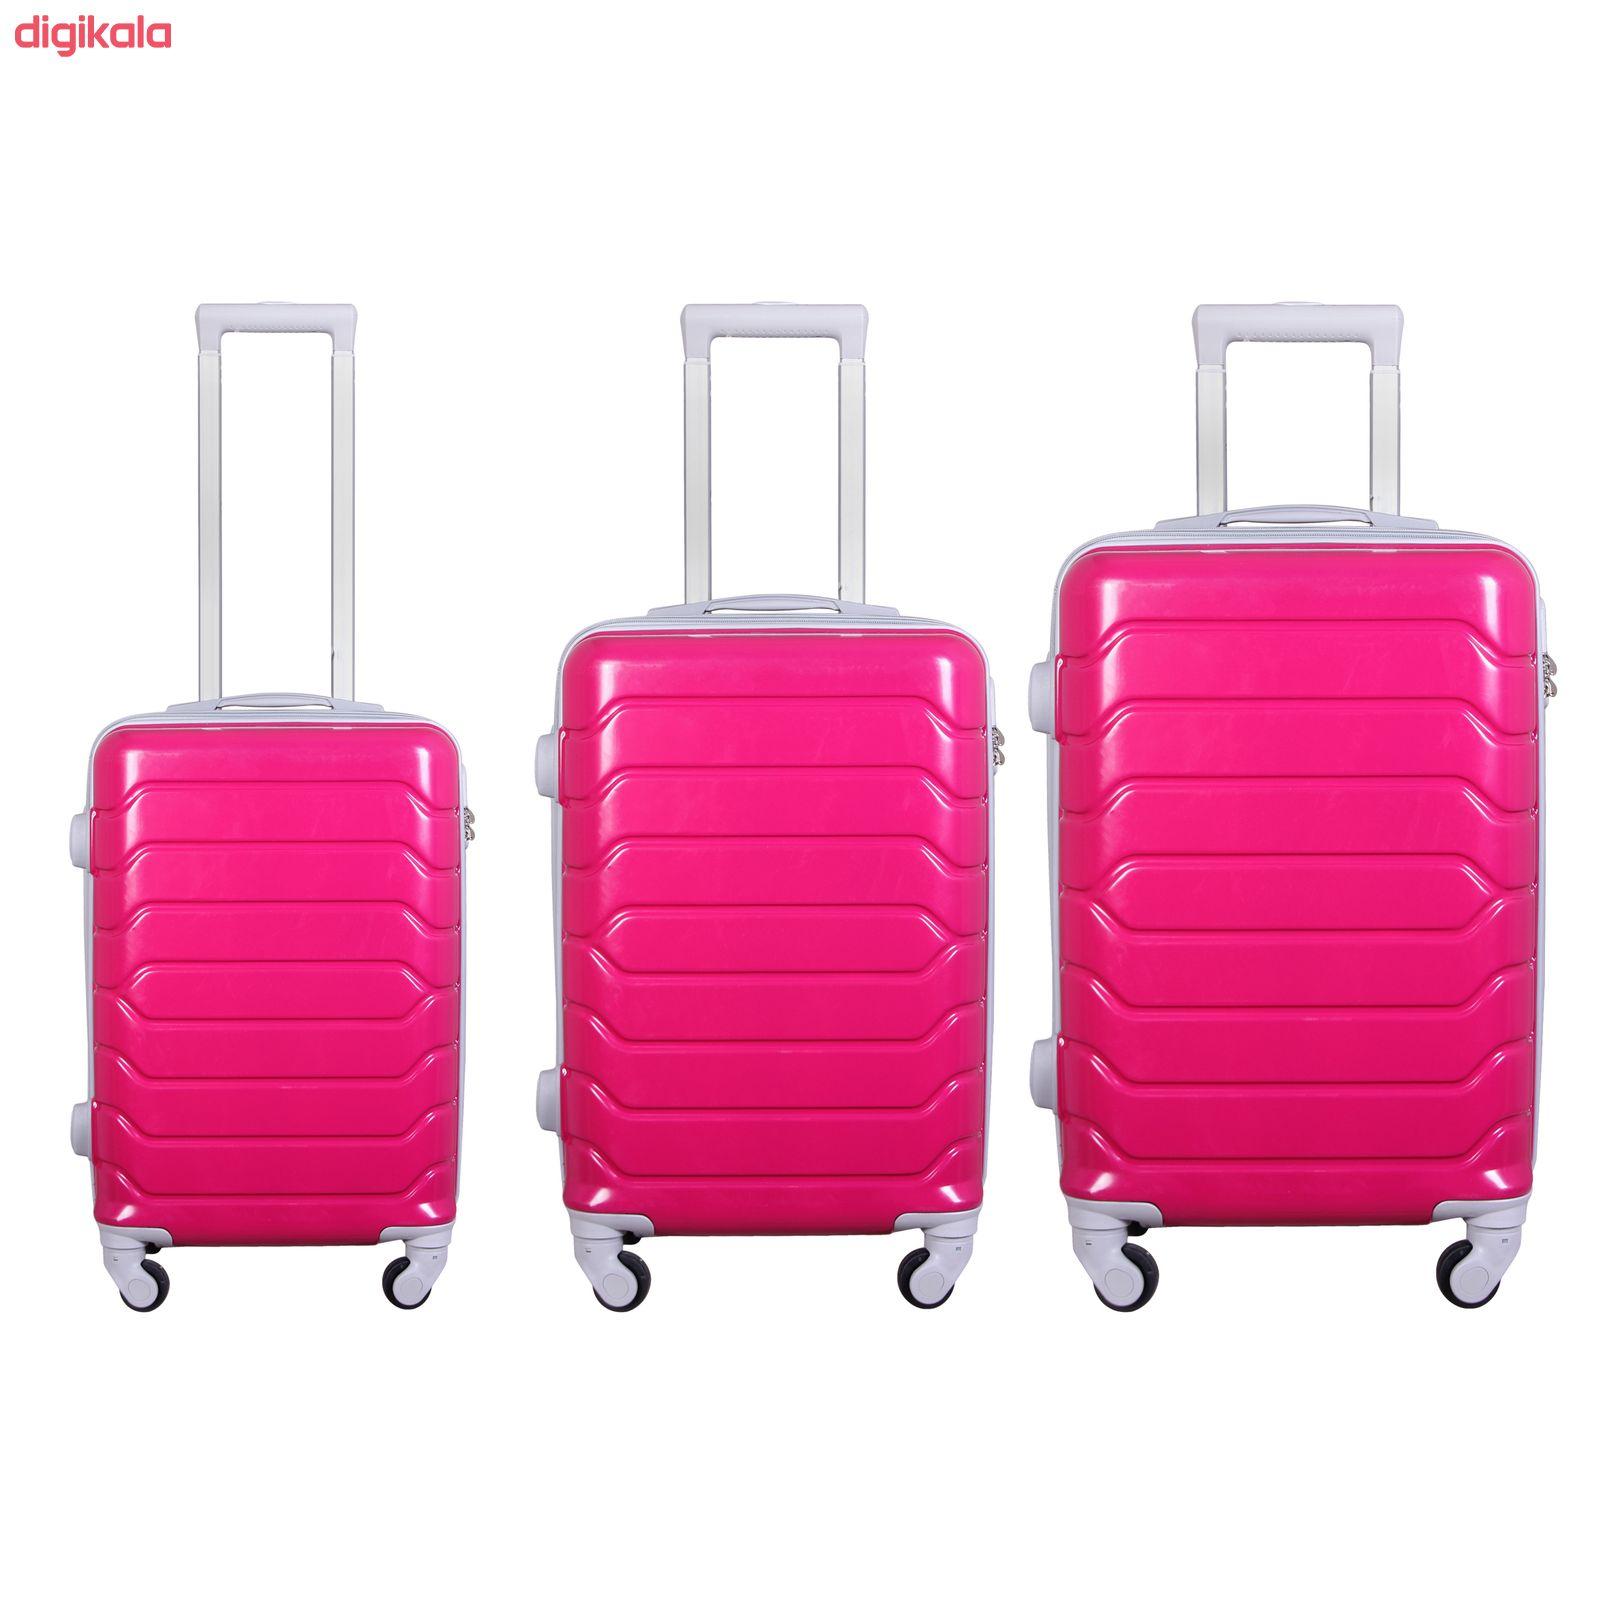 مجموعه سه عددی چمدان مدل 10021 main 1 32